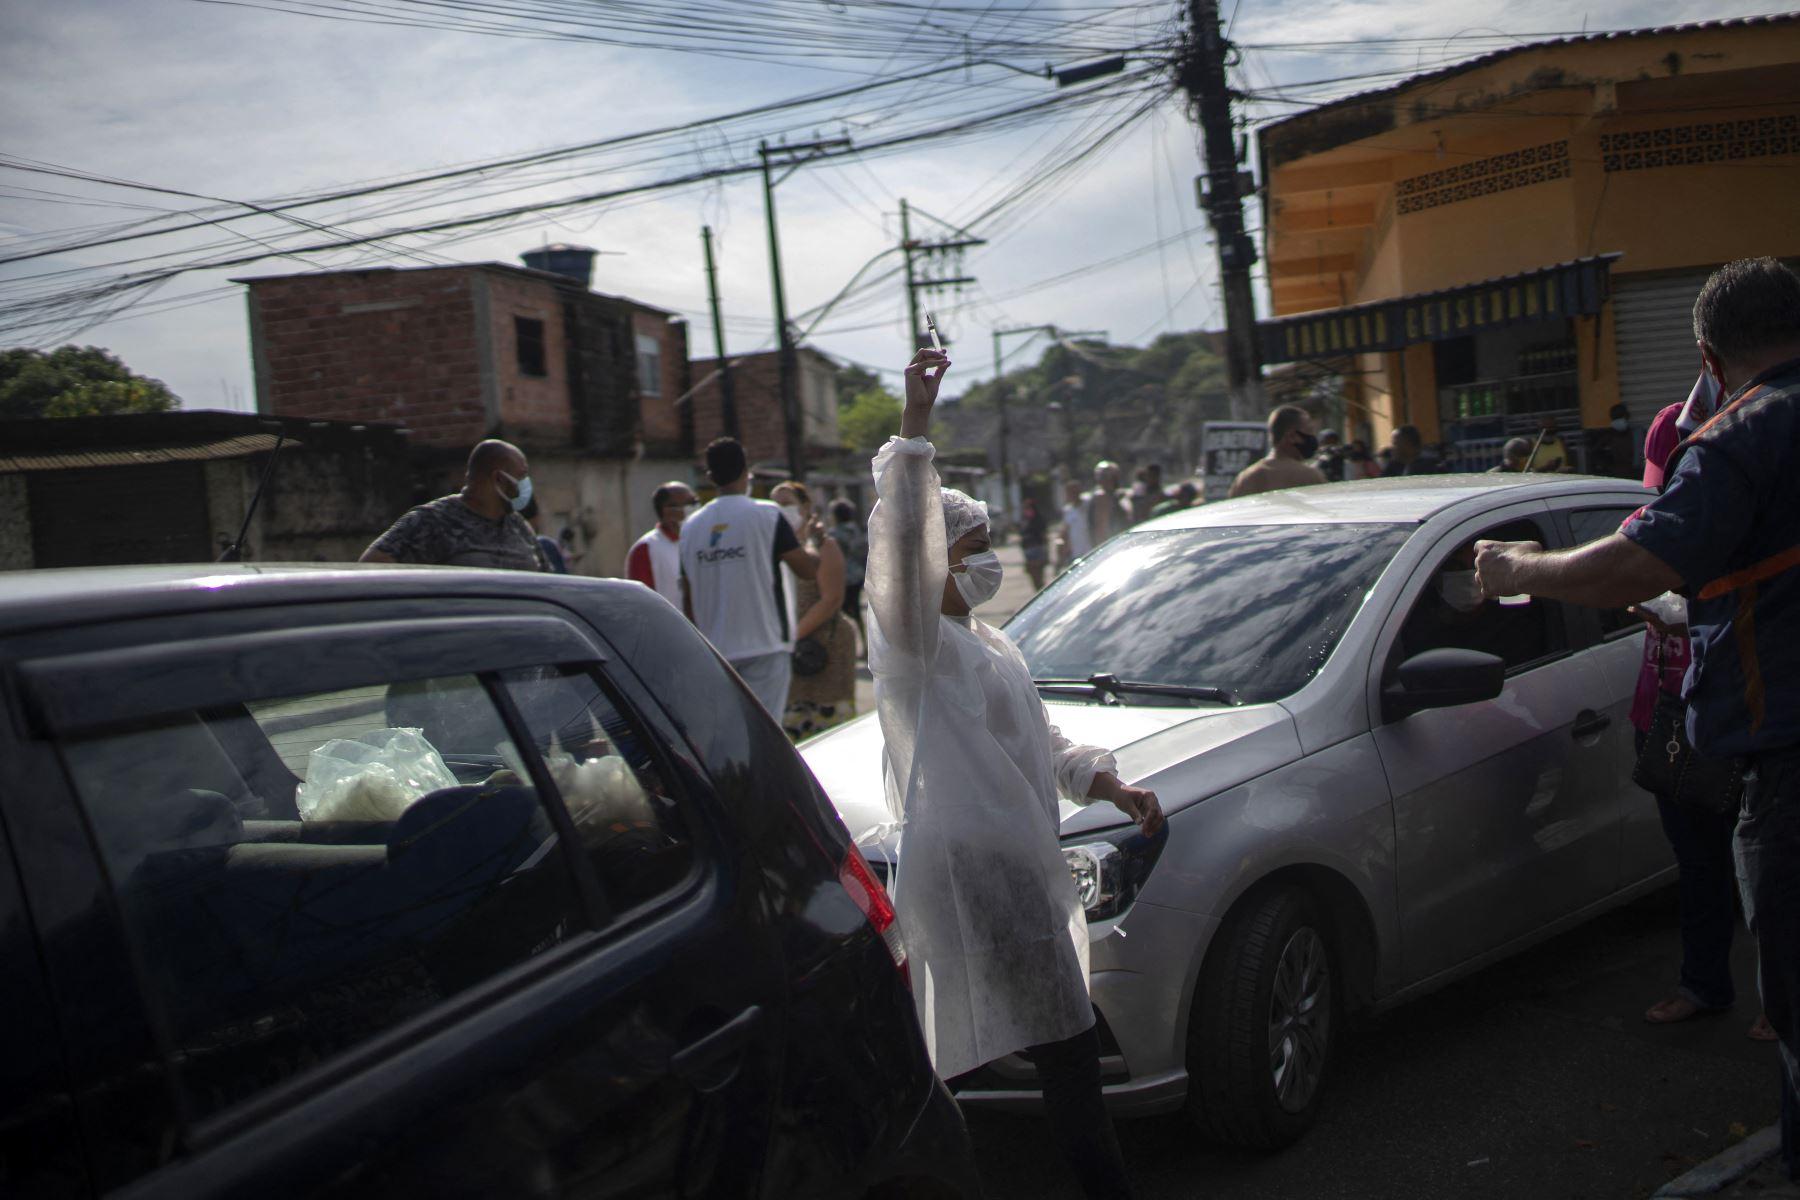 Un trabajador de salud sostiene una jeringa con una dosis de la vacuna COVID-19 en un centro de vacunación en la plaza Cangulo, en Duque de Caxias, estado de Río de Janeiro, Brasil, el 30 de marzo de 2021. Foto: AFP